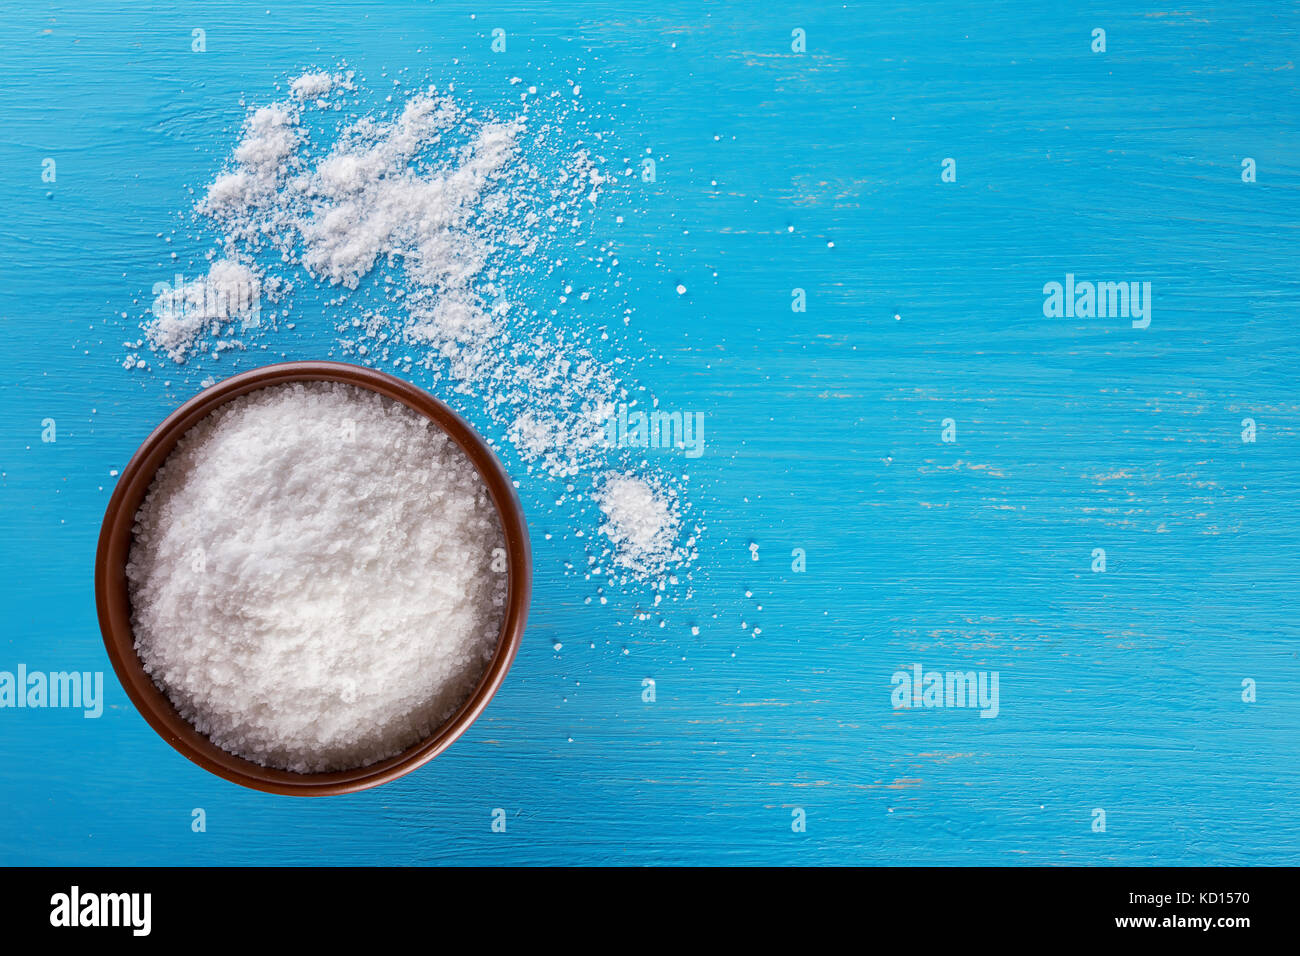 Clay brown Schüssel mit Salz auf blauem Hintergrund Stockbild